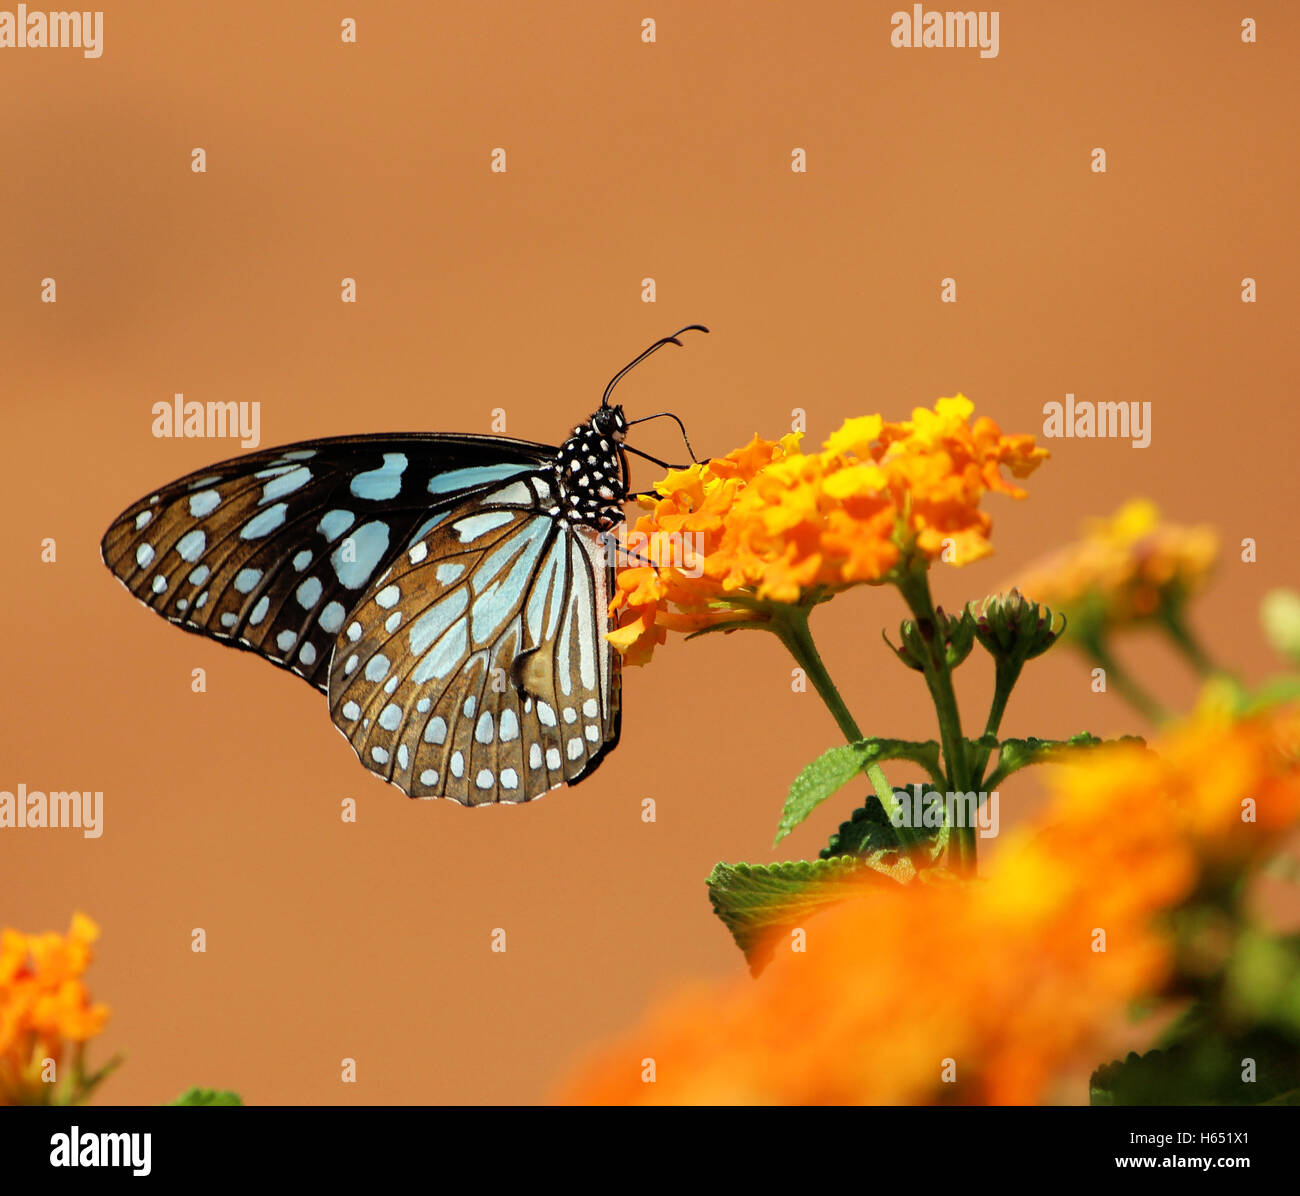 Tigre bleu alimentation papillon Nom scientifique - Tirumala limniace - Papillons du sous-continent indien Photo Stock